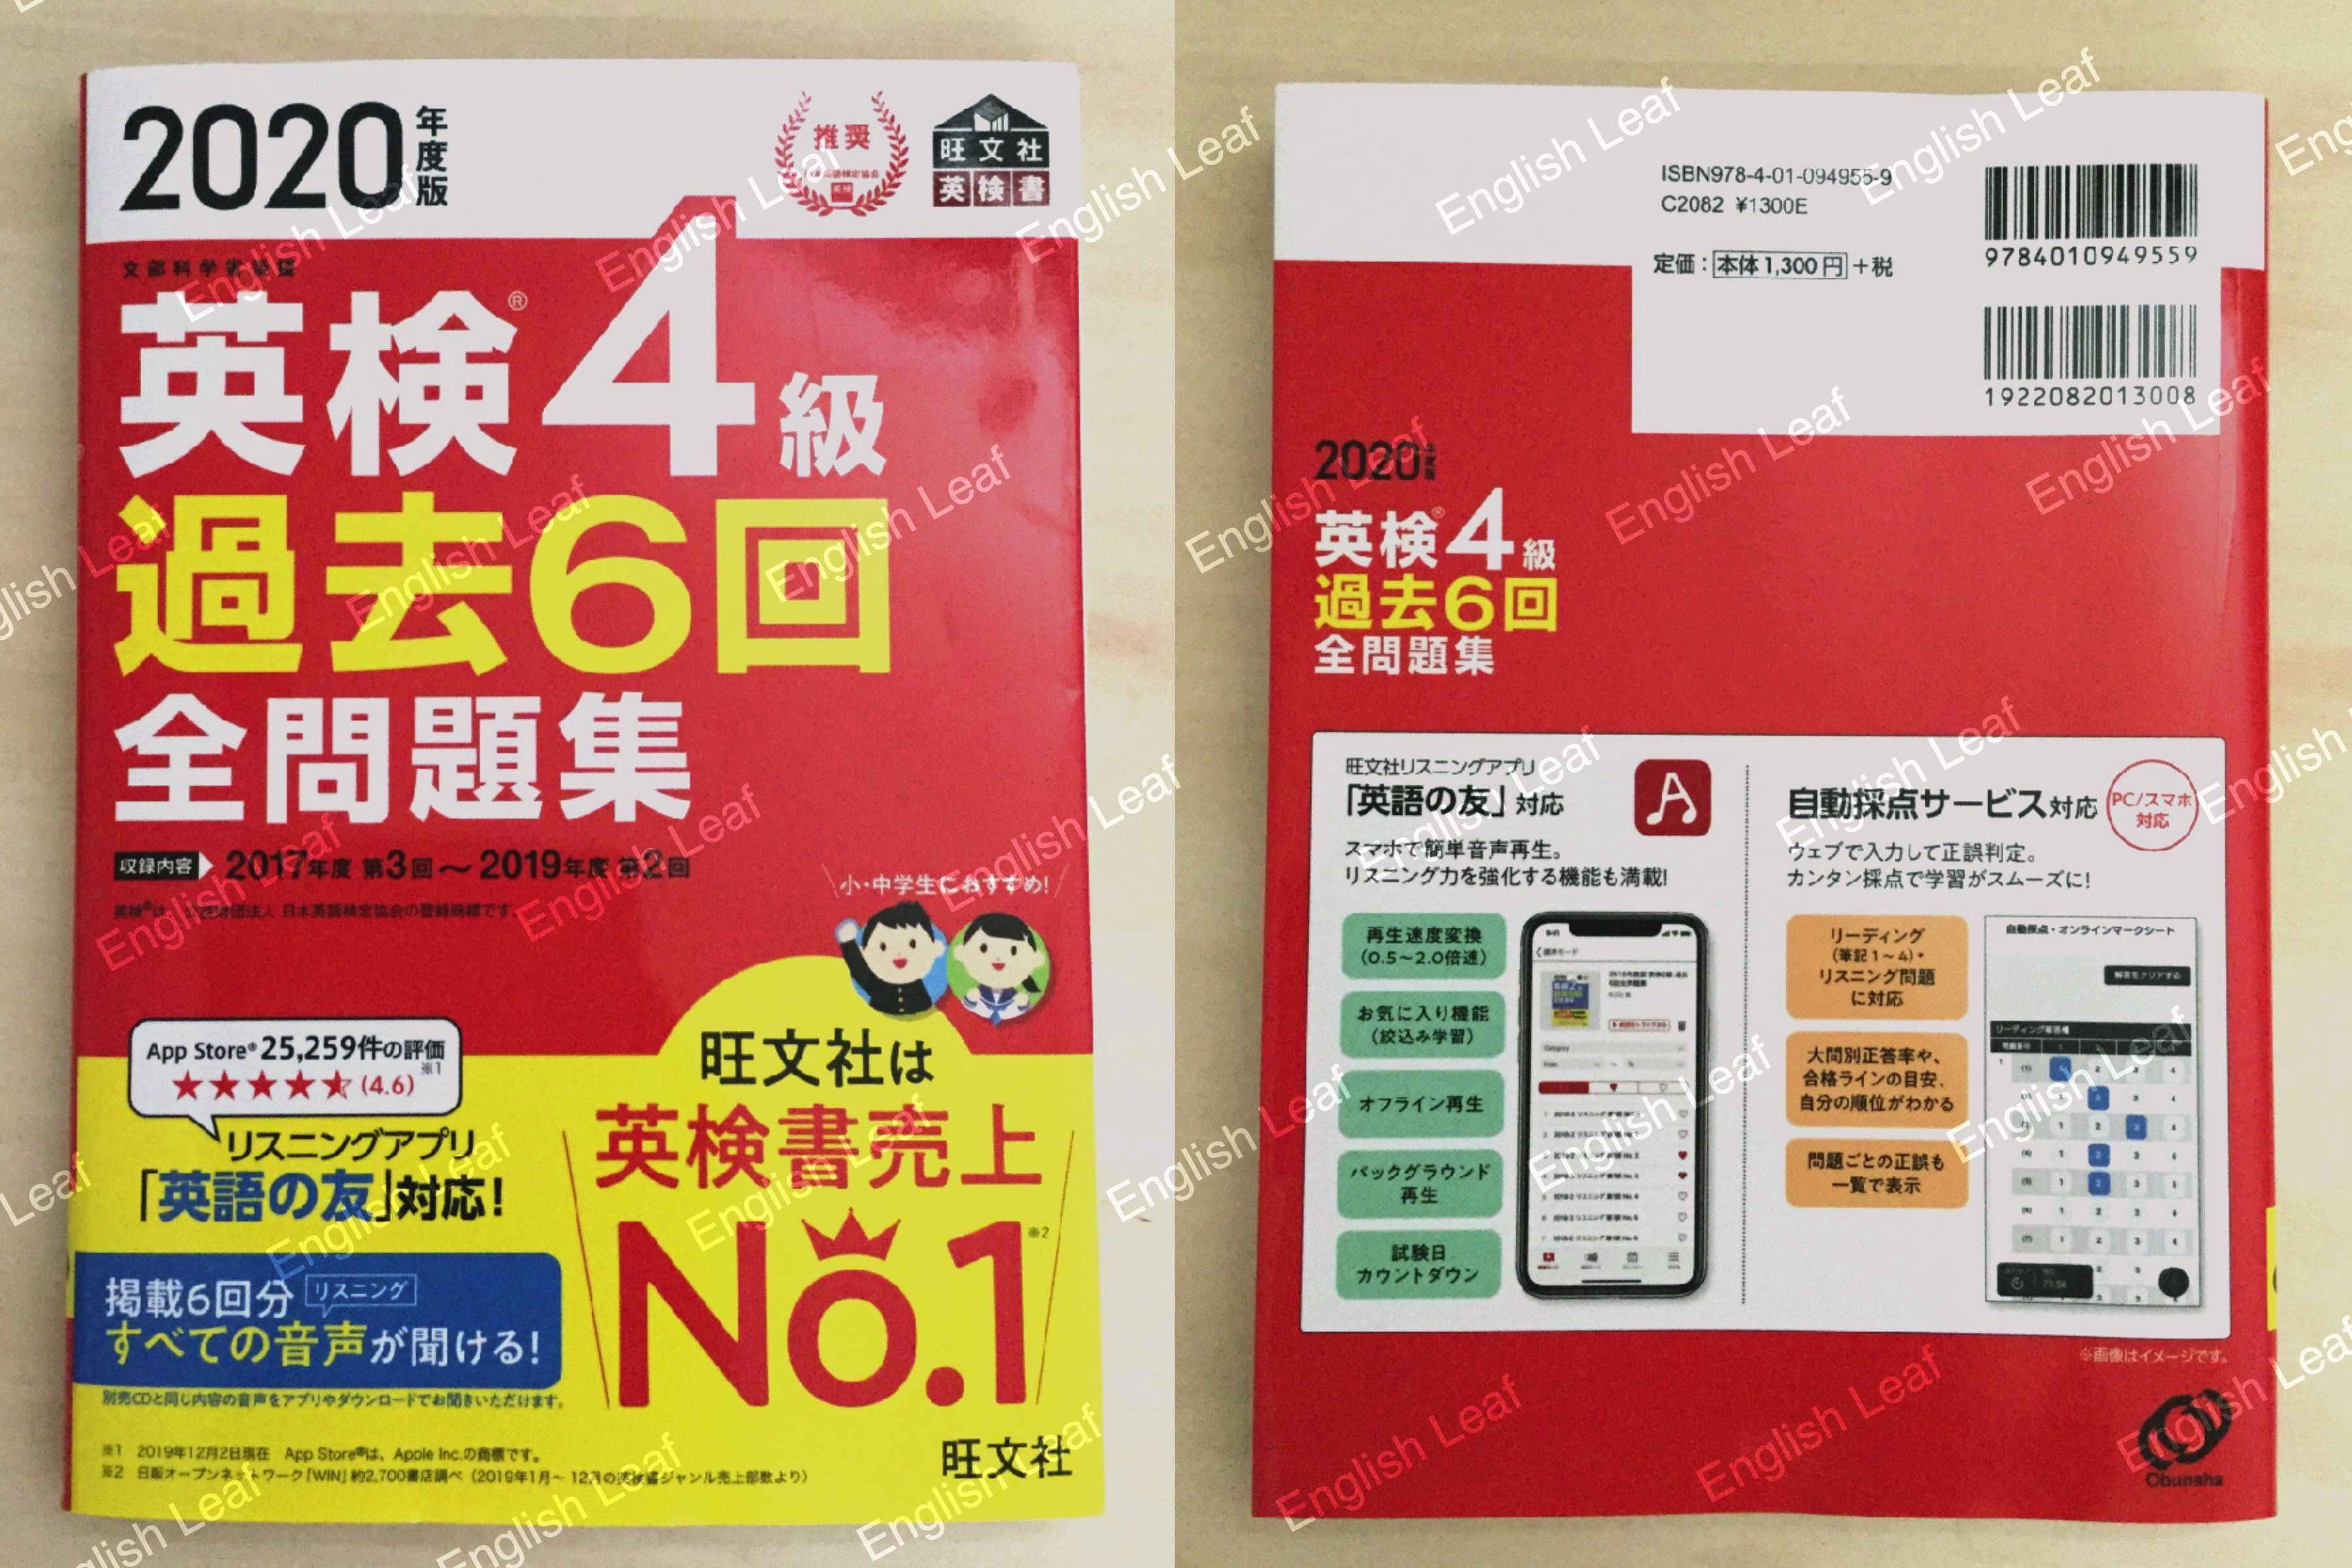 4 問 級 検 英 過去 「英検リスニングマスター 5級4級」をApp